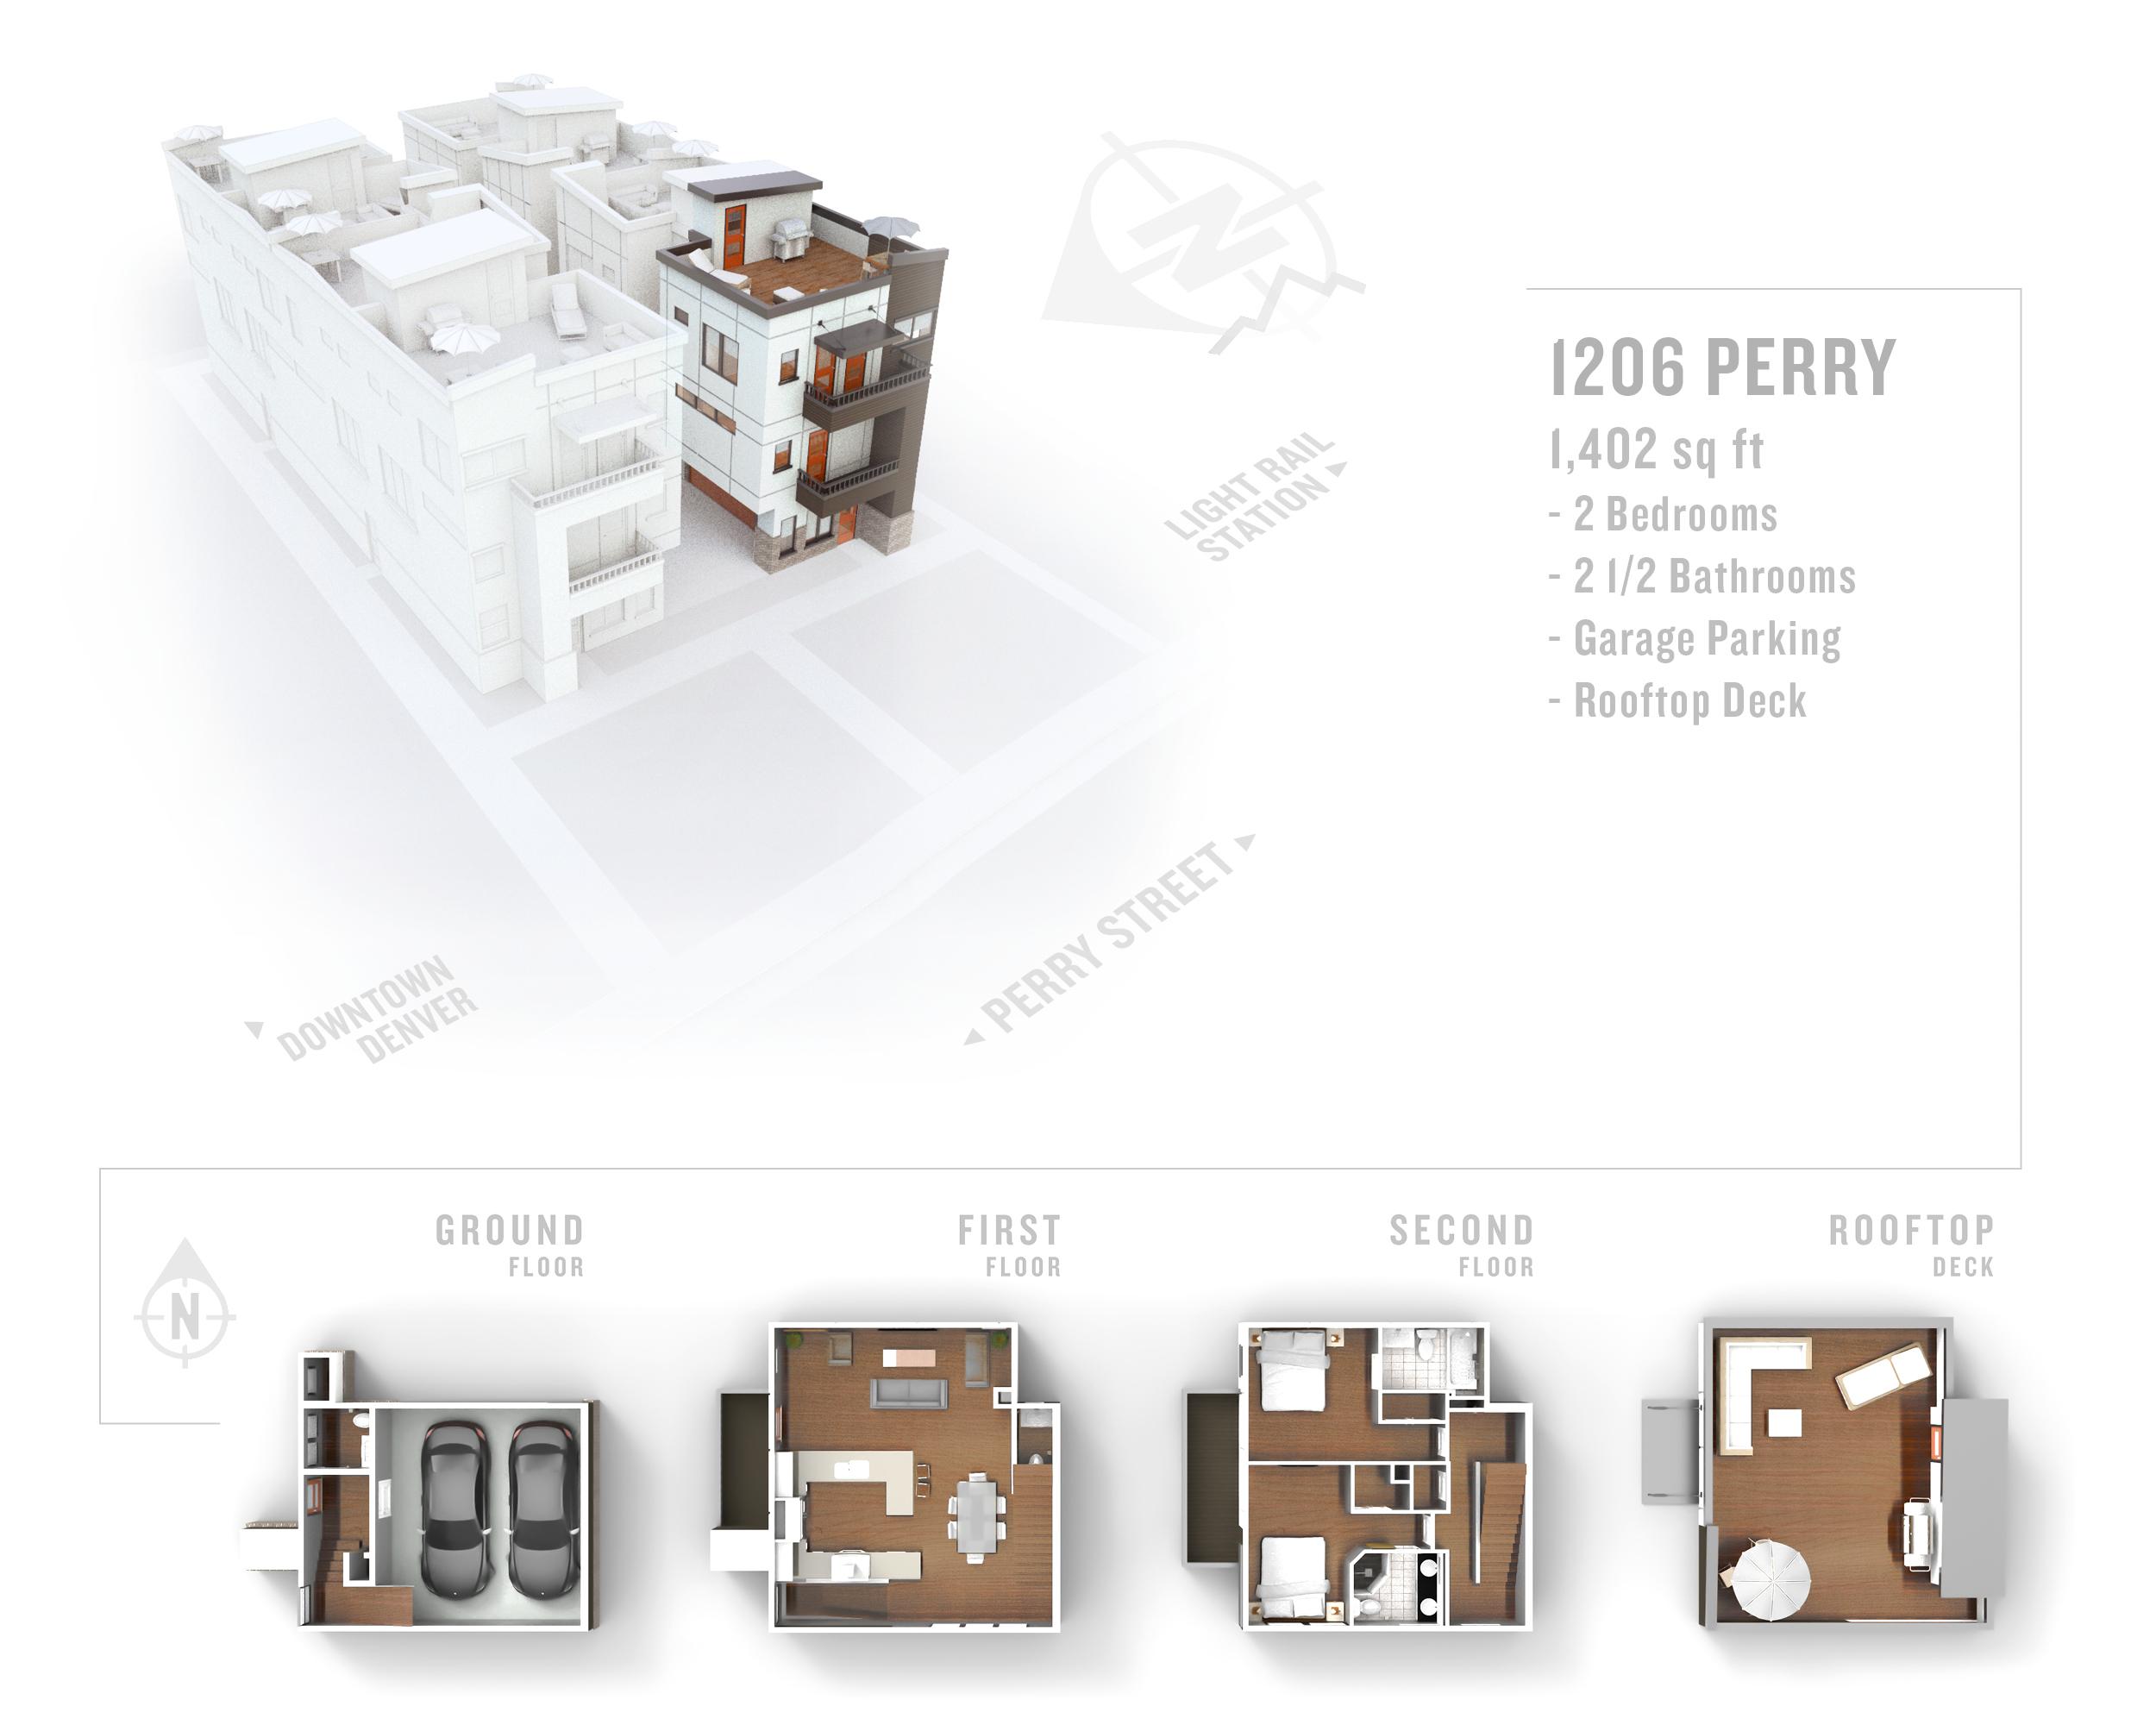 Thomas Greiman - 1220 Perry Floorplans_r2v1_2